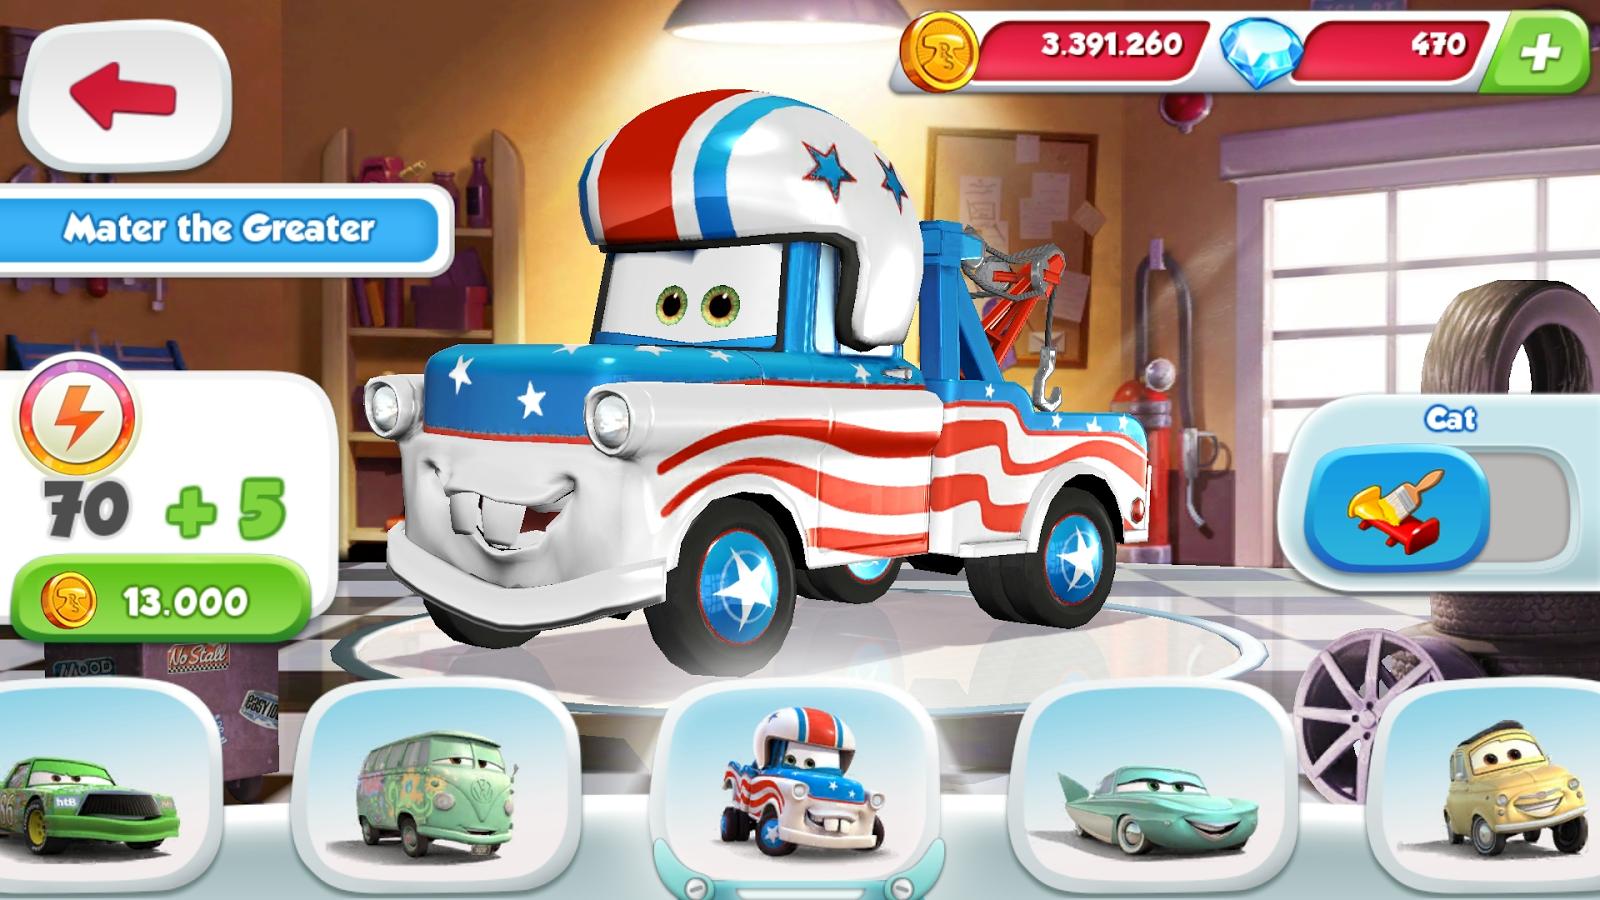 download game apk mod terbaru 2015